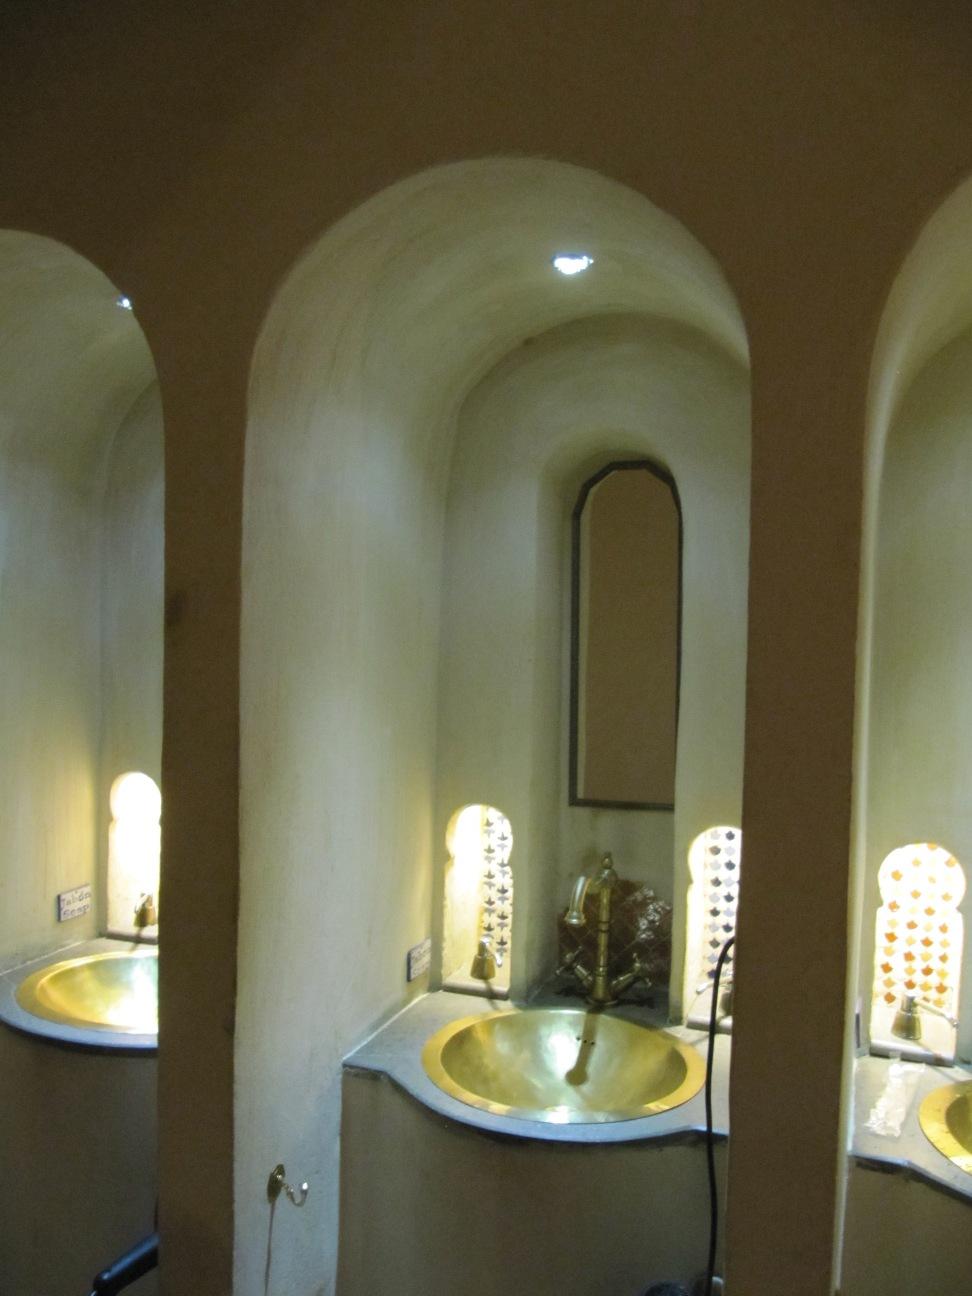 Baños Arabe De Granada:El Blog de MA: Baños árabes HAMMAM GranadaImágenes de MA